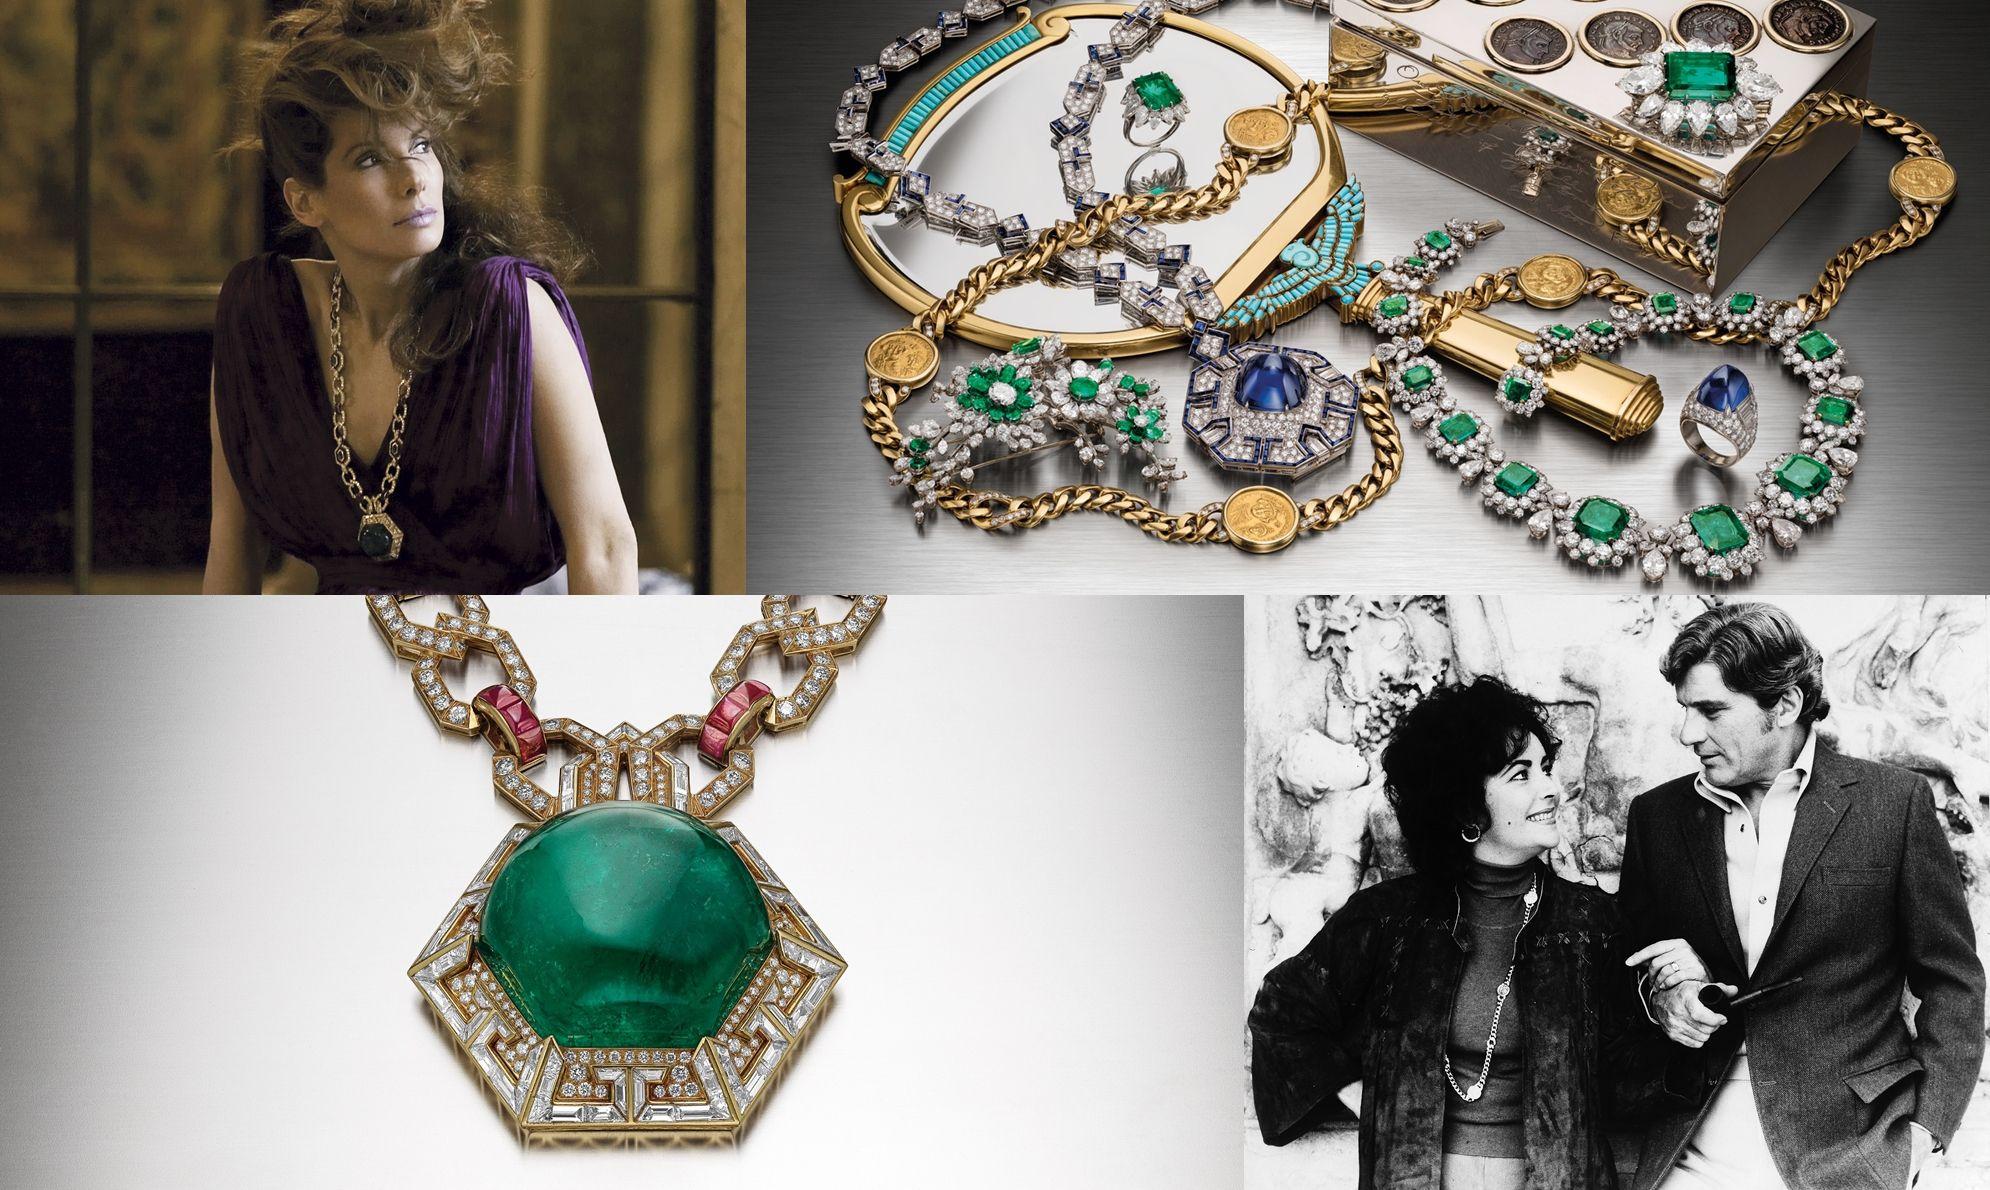 電影藝術古董珠寶展華麗登台,讓葛麗絲凱莉、奧黛麗赫本、伊莉莎白泰勒鍾愛的寶格麗珠寶,帶你走入Cinecittà and Beyond電影幕後的魔幻世界